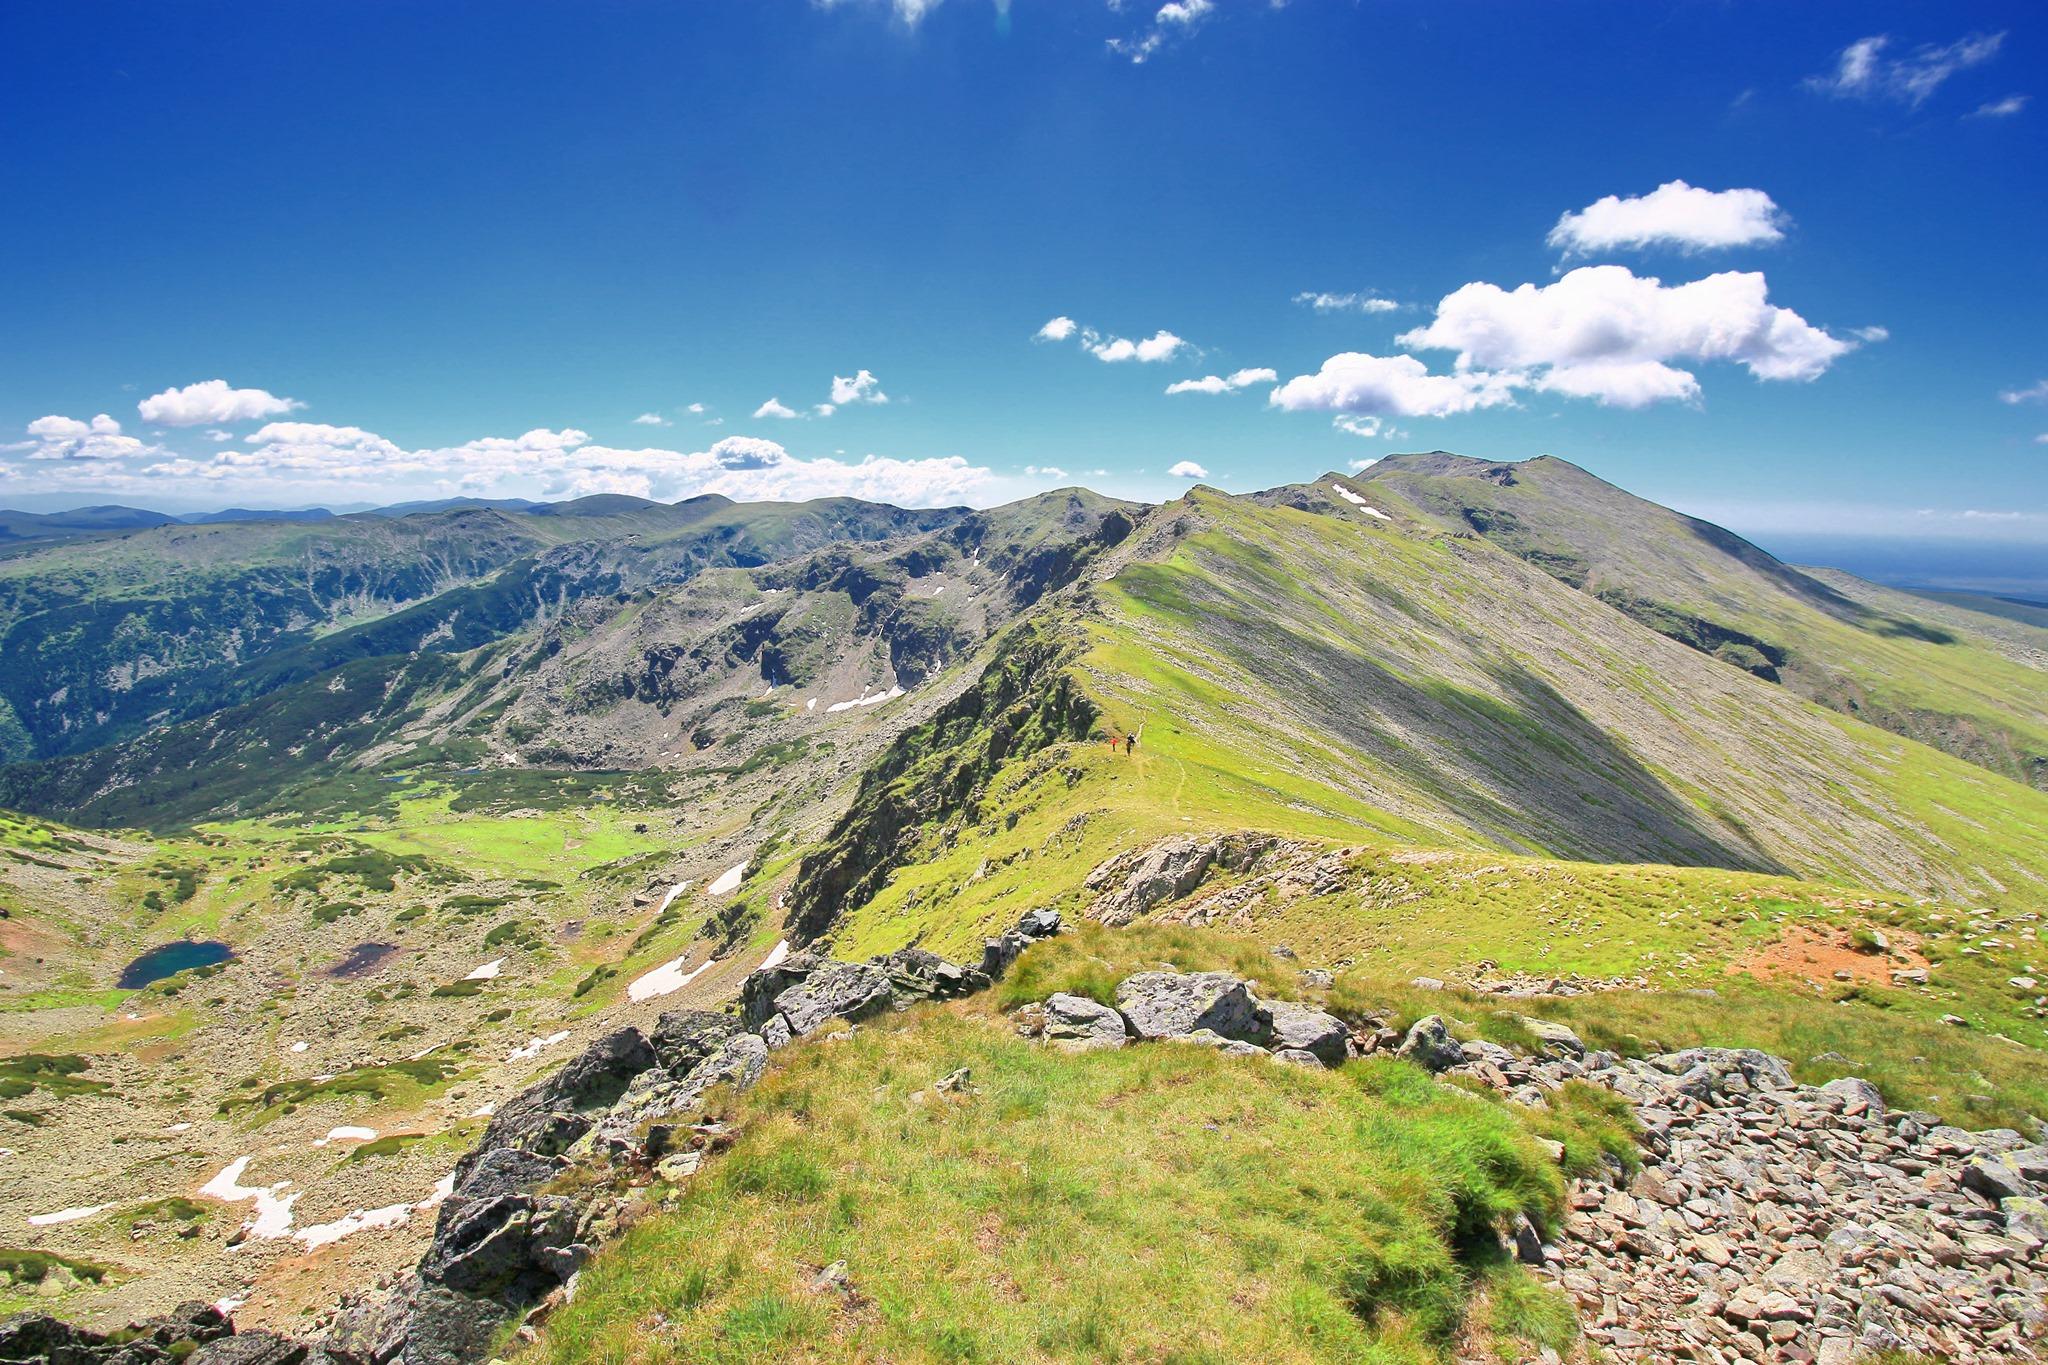 Creasta Munților Parâng văzută de pe Vârful Cârja - Liana Marin